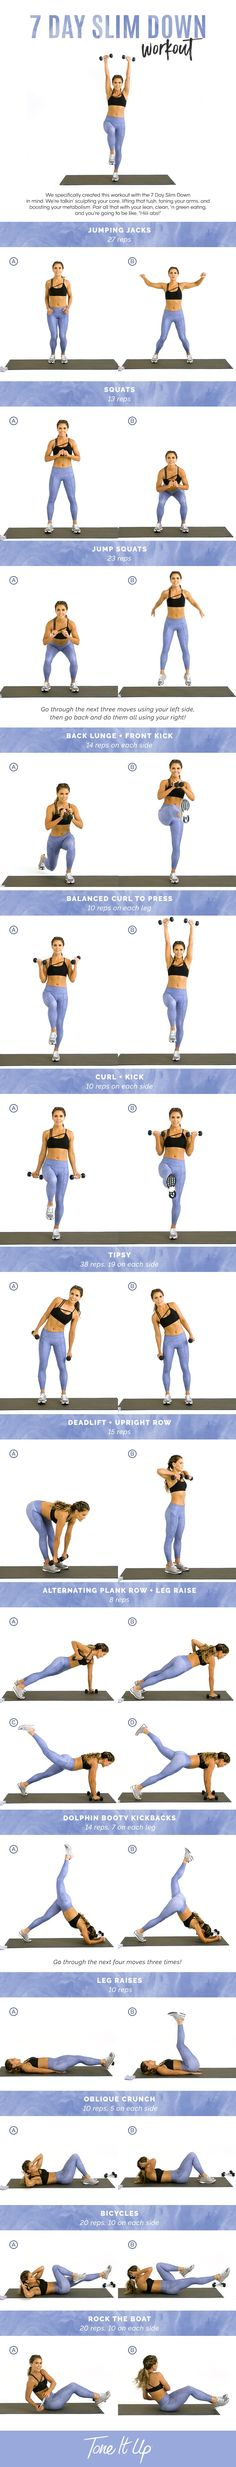 Diet pills dr oz recommends image 2